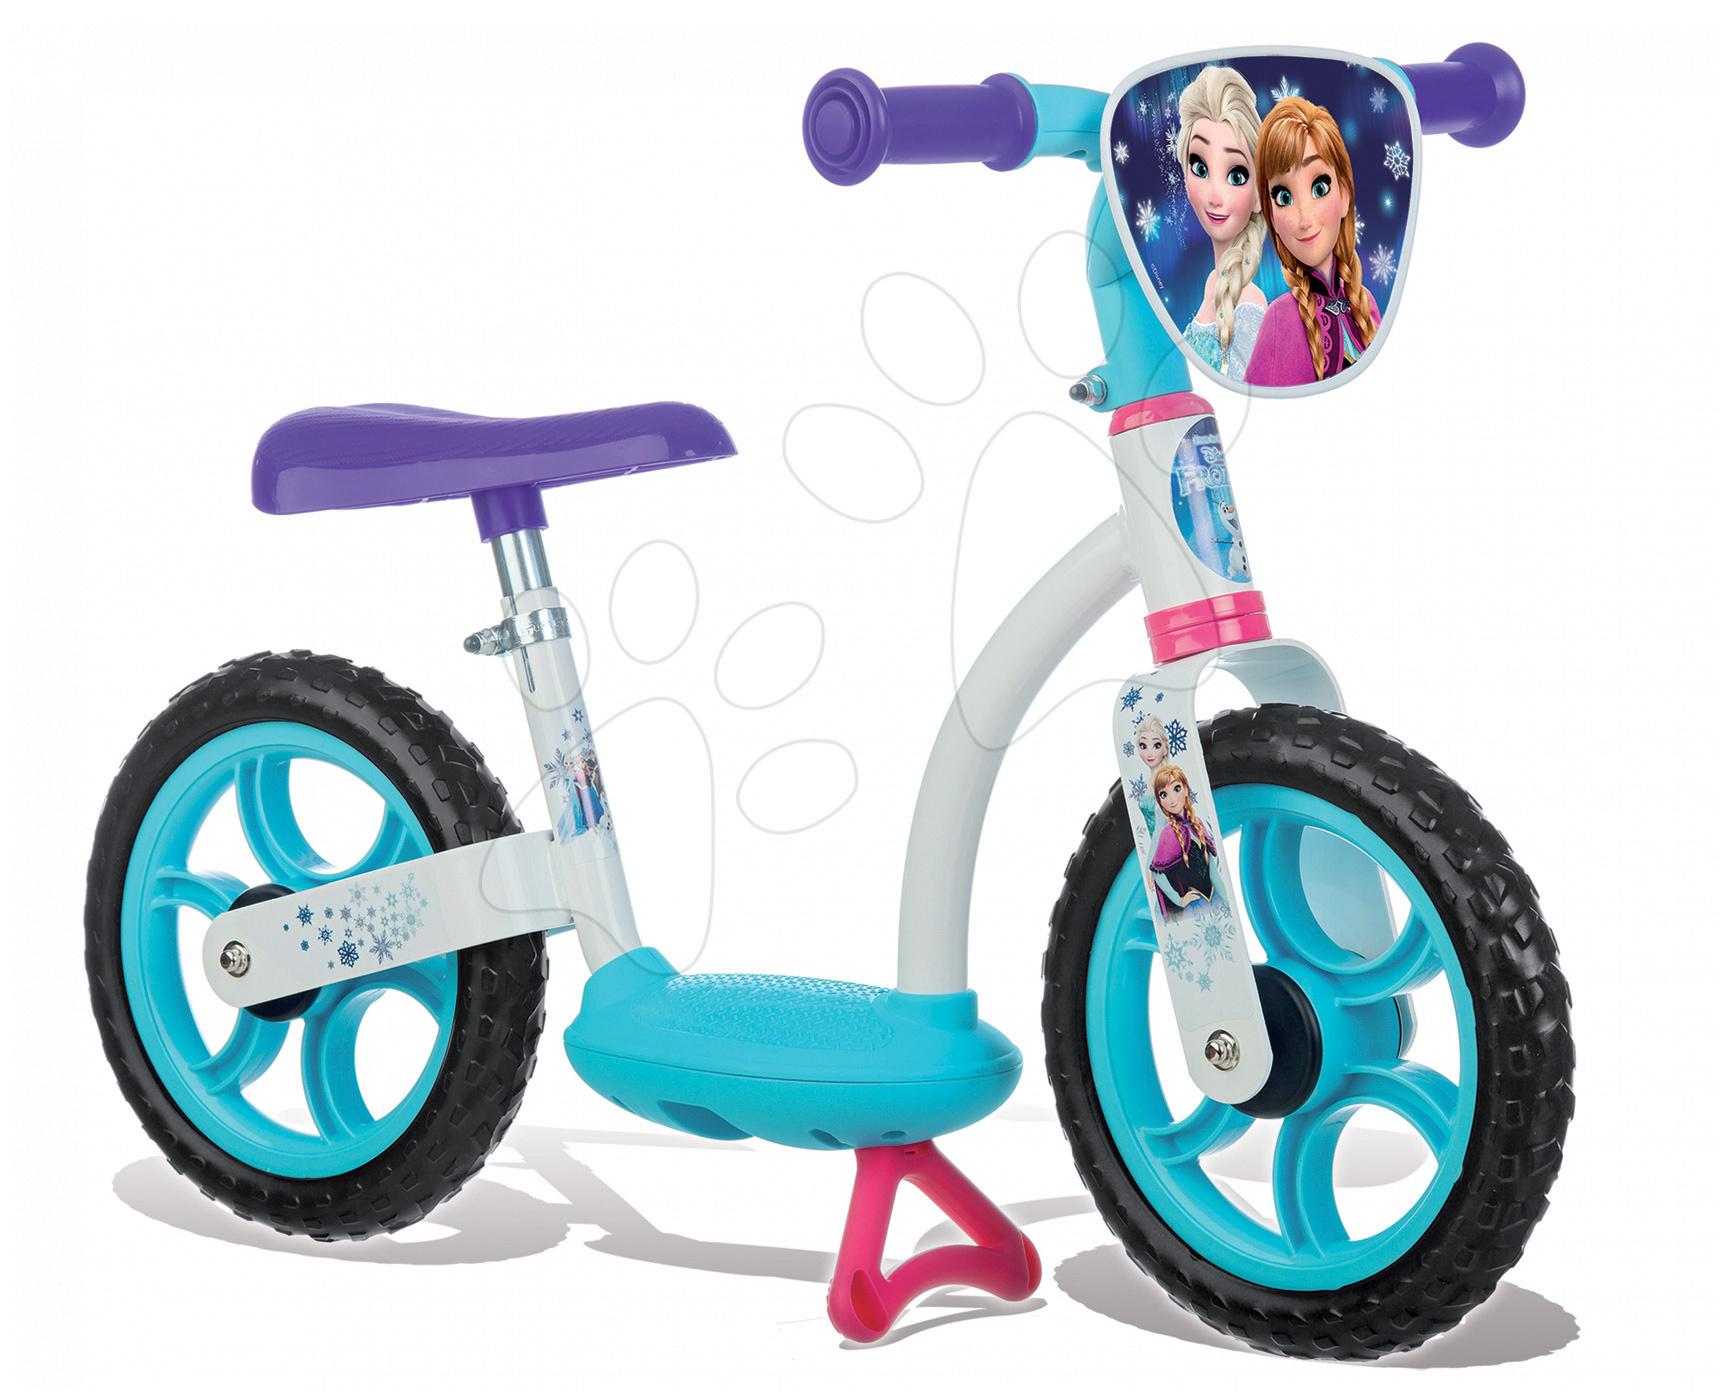 Balanční odrážedlo Ledové království Learning Bike Smoby s nastavitelnou výškou sedáku od 24 měsíců